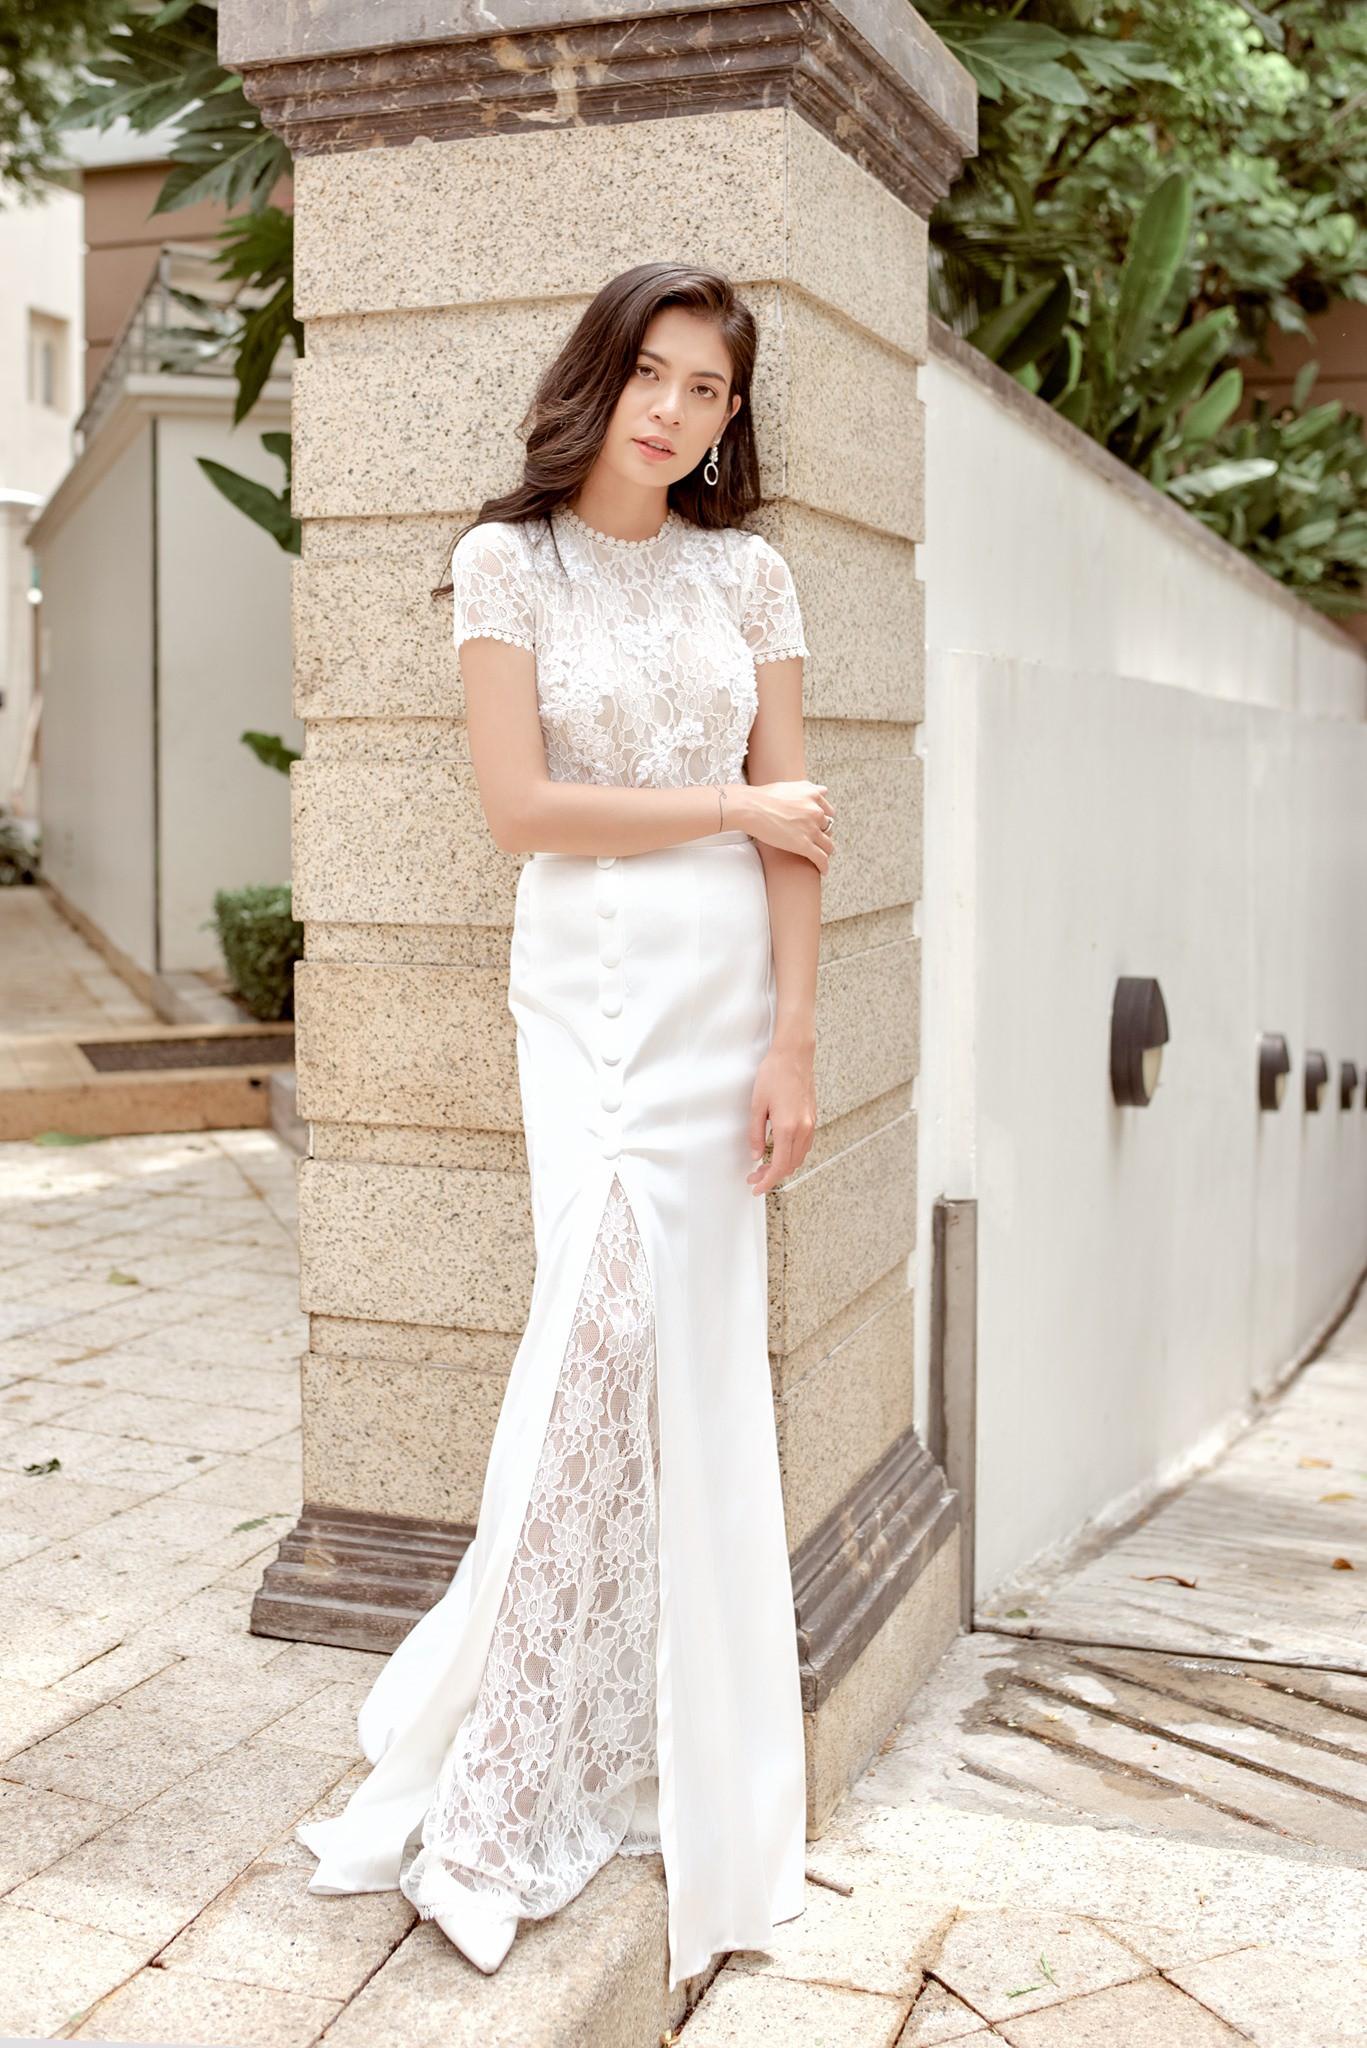 Cream.Y x Daphale, những chiếc váy cưới dành riêng cho cô dâu hiện đại - Ảnh 2.